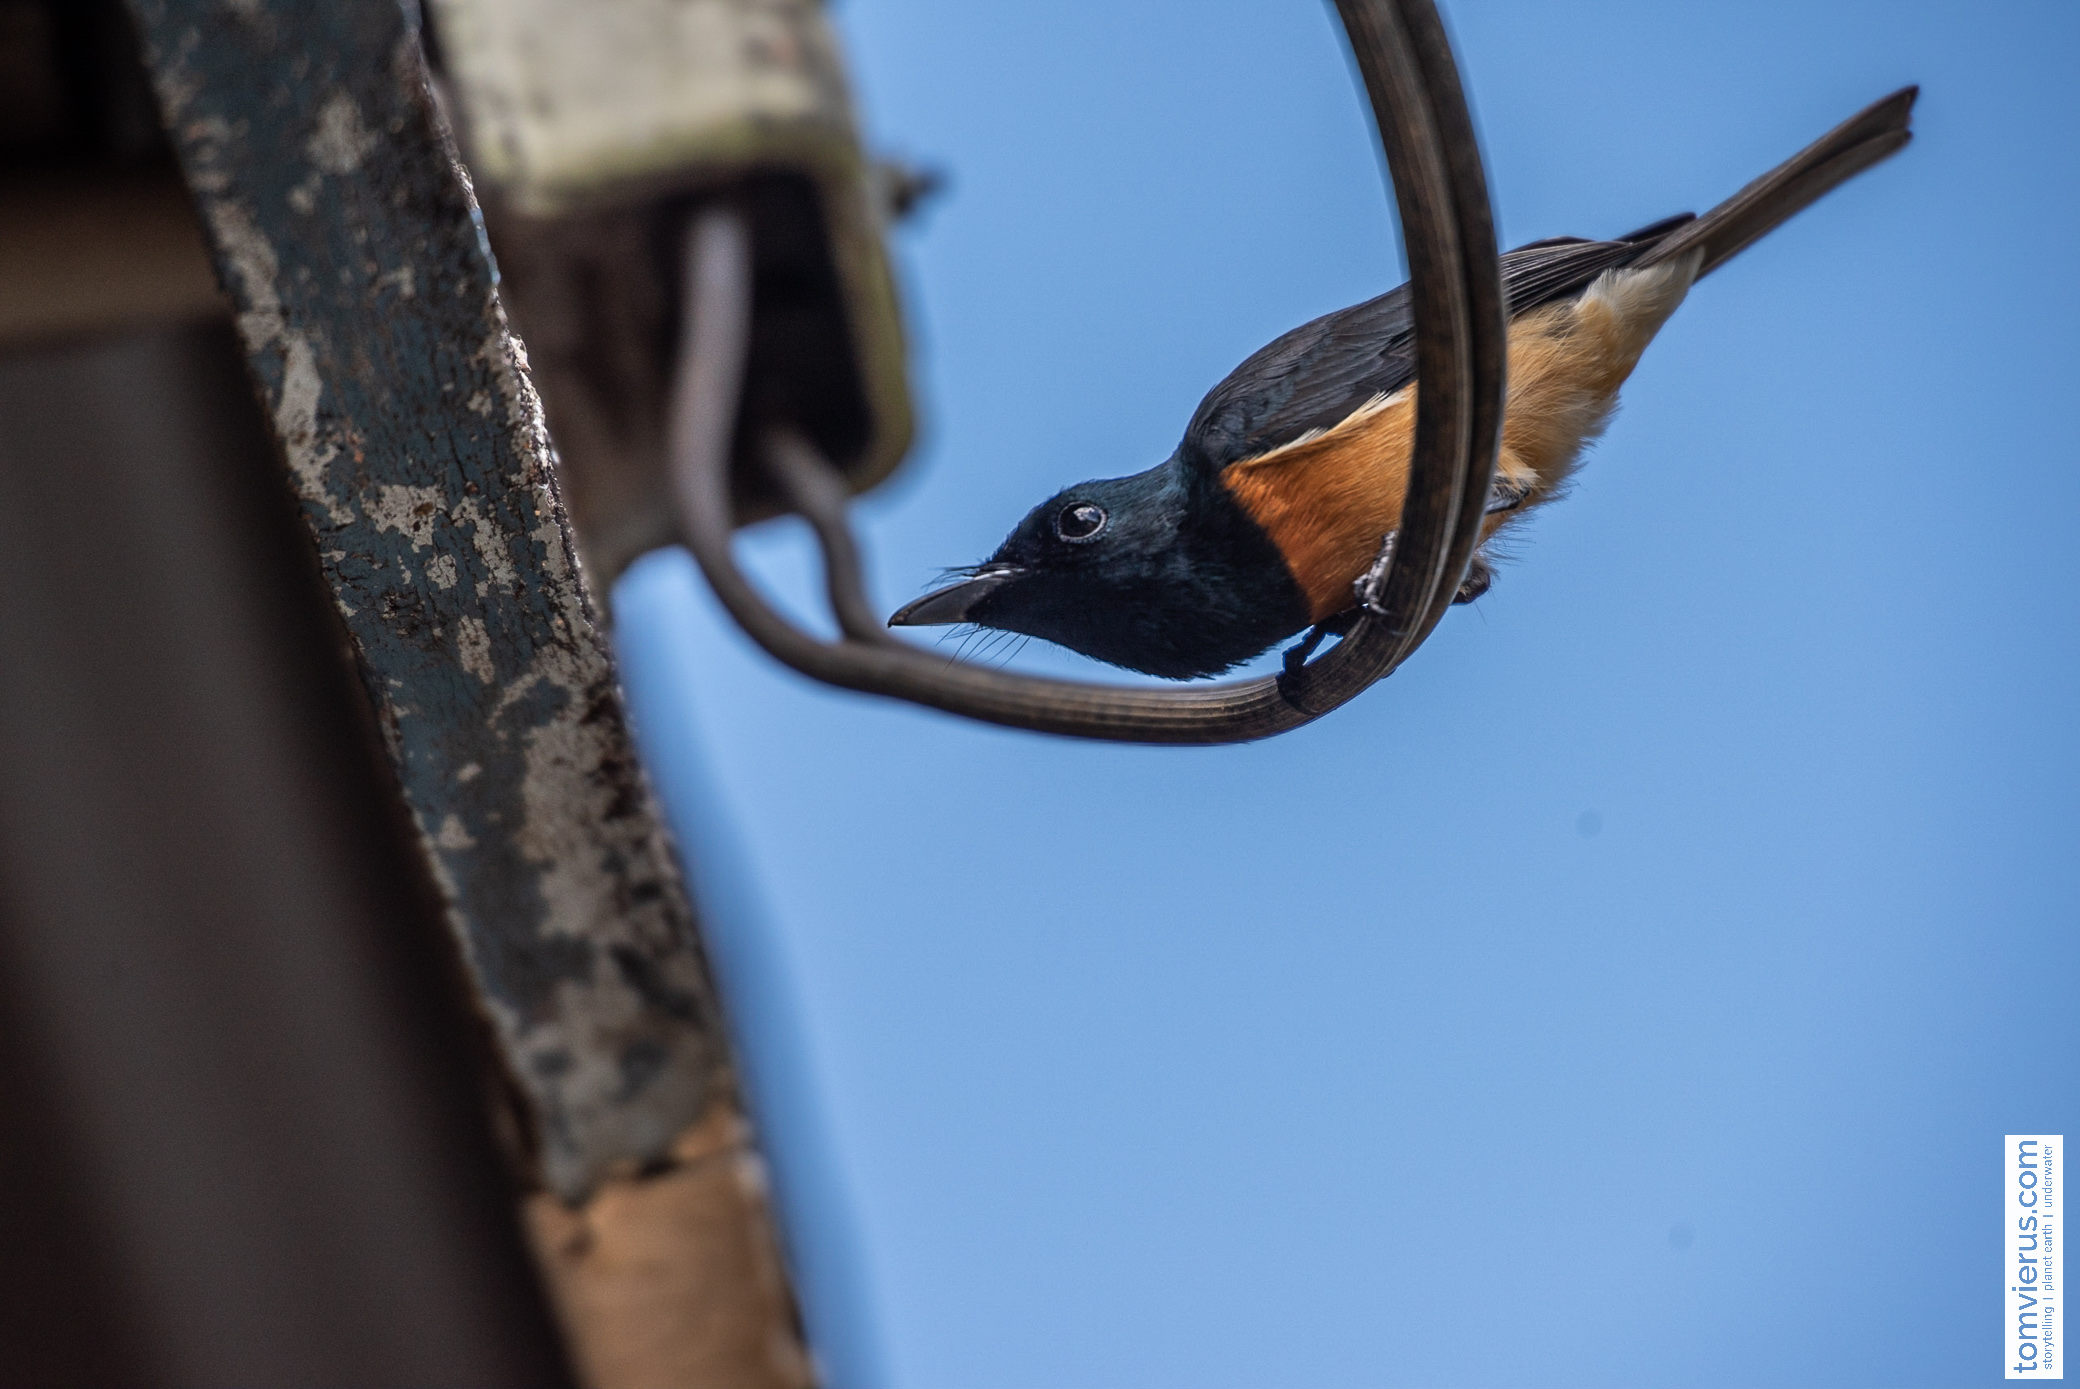 Vanikoro broadbill/flycatcher